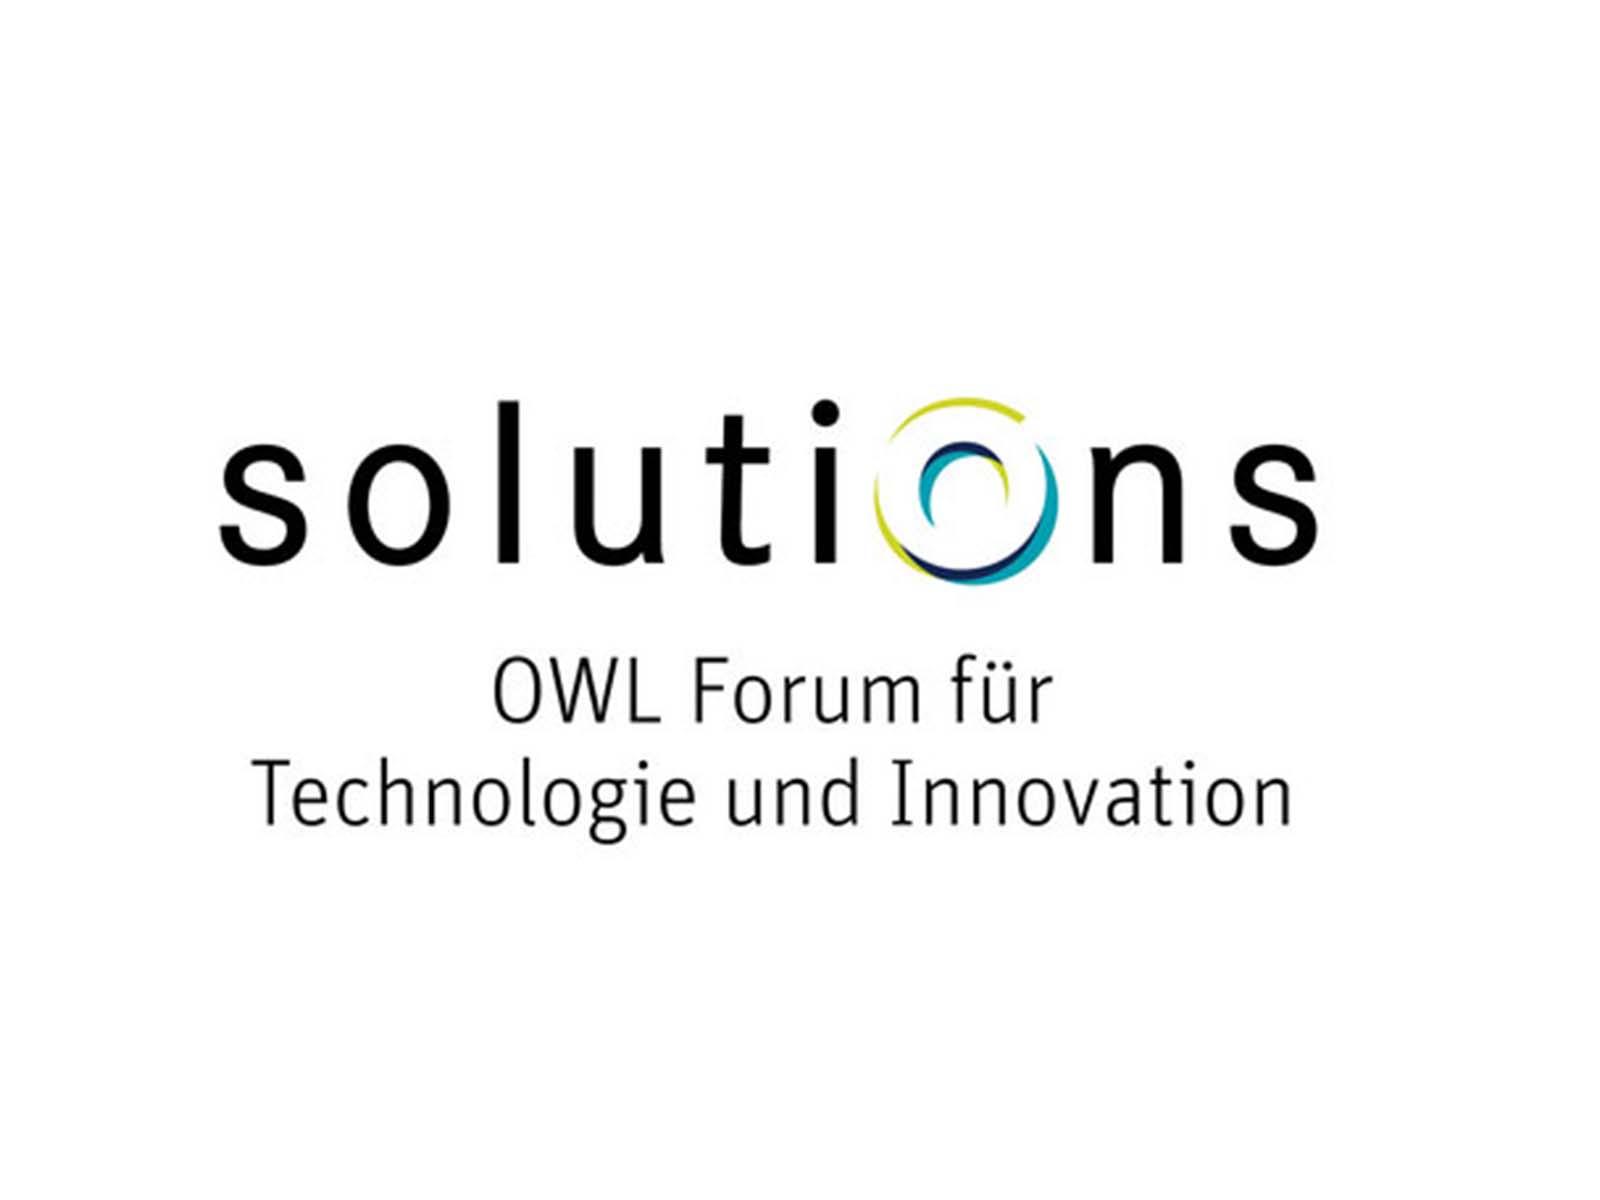 Vortrag: Railway – Innovationsökosystem Schiene & RailCampus OWL